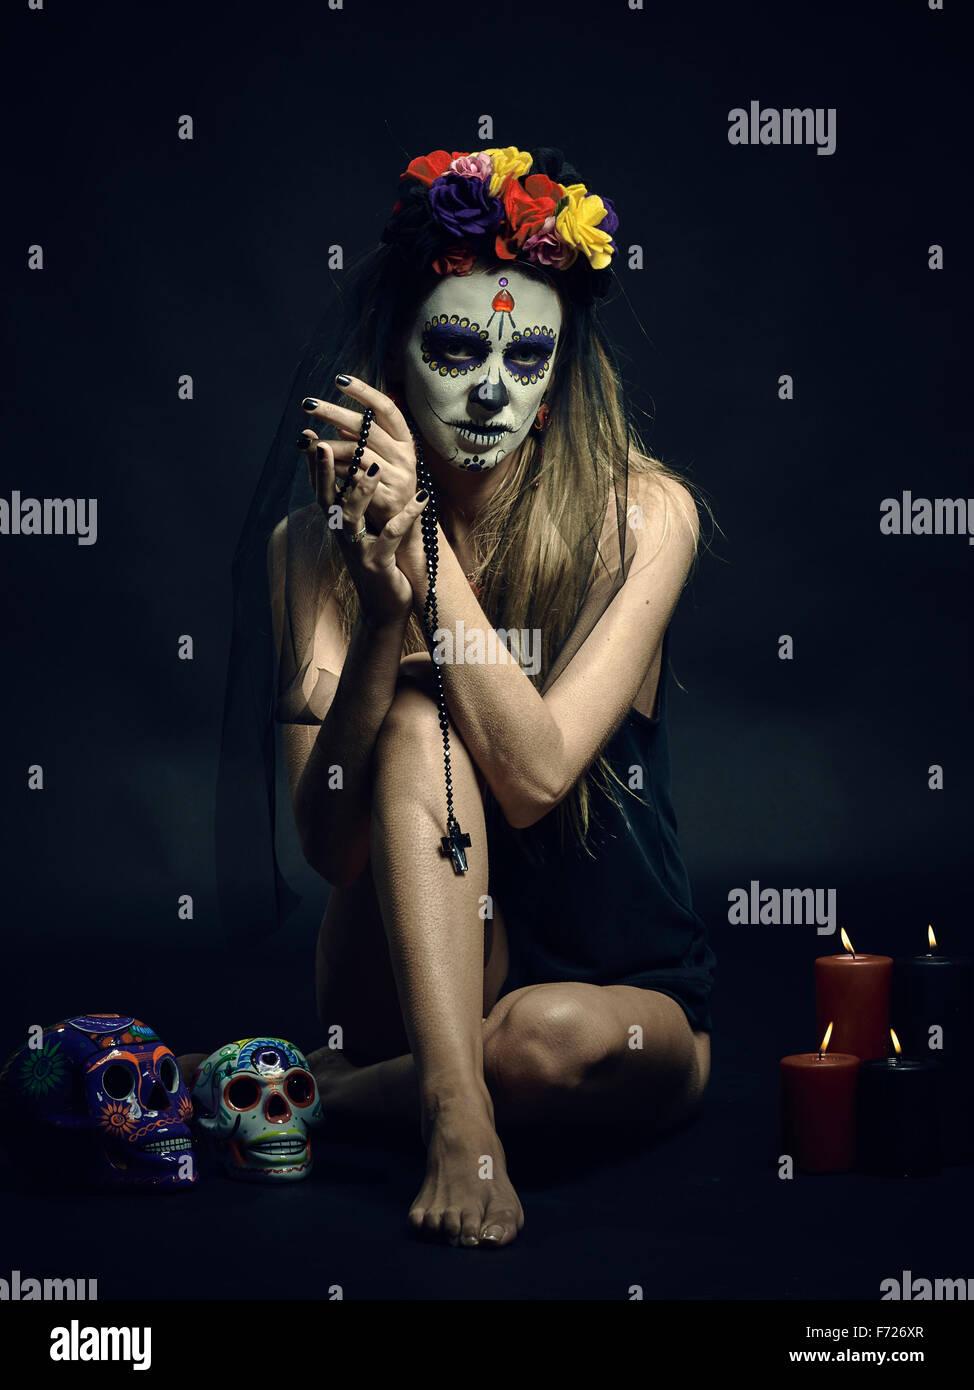 La Muerte. Día clásica mexicana de la muerte maquillaje Imagen De Stock